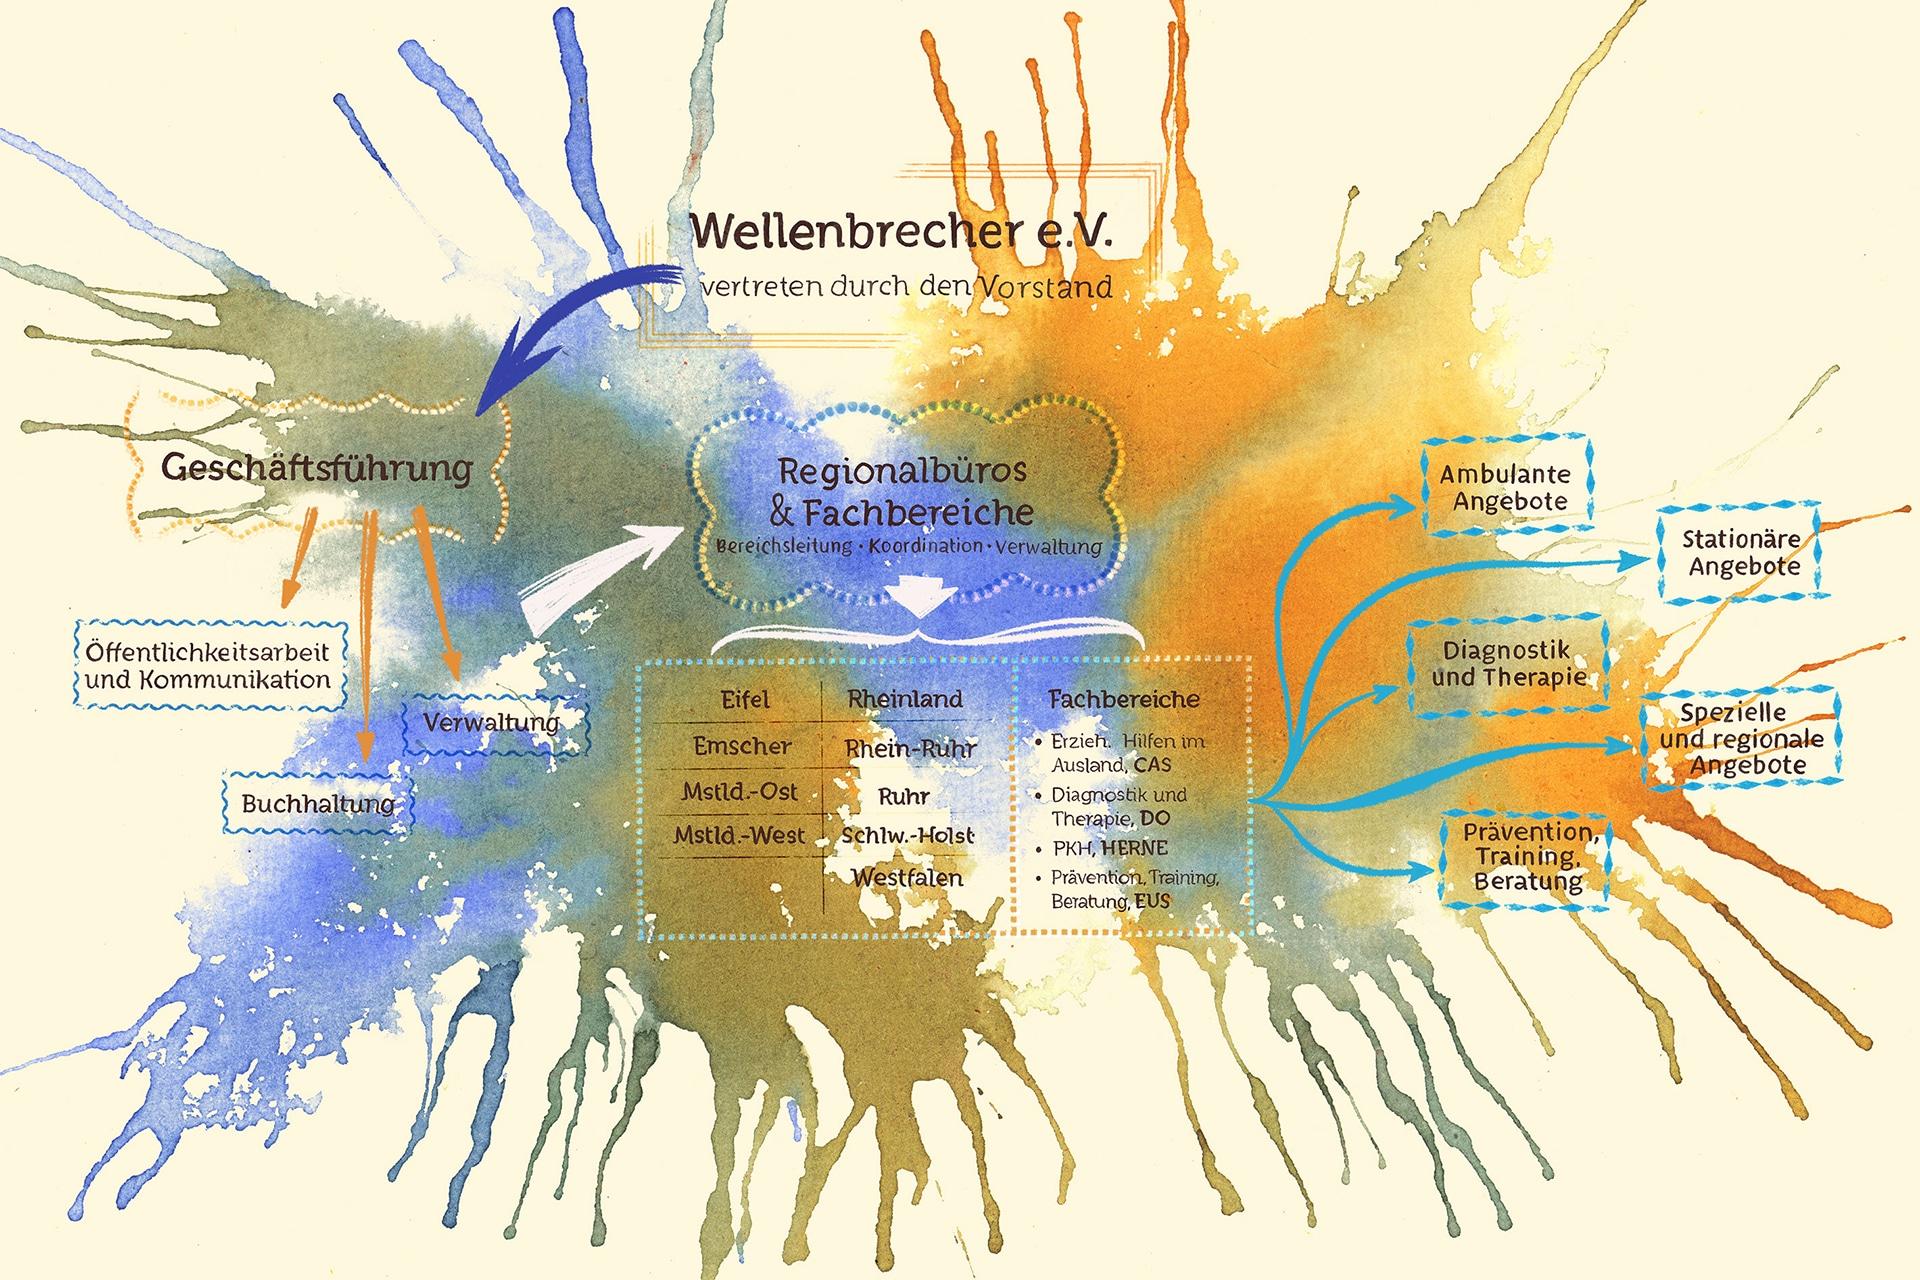 Wellenbrecher - Die Organisation, Organigramm